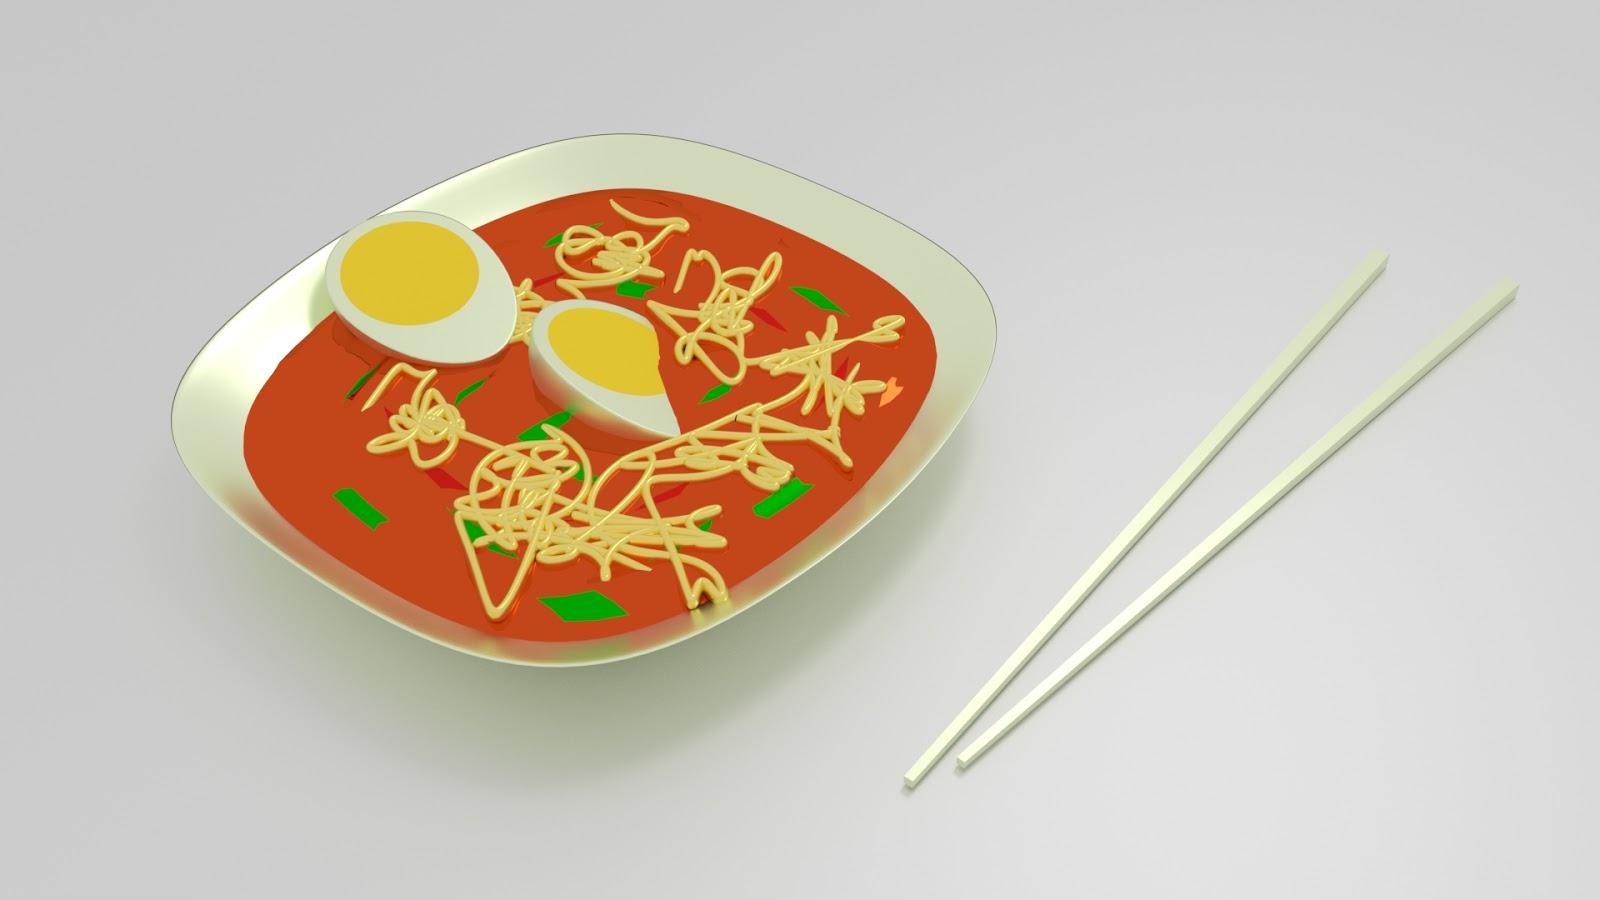 Free 3D Egg Noodles .blend